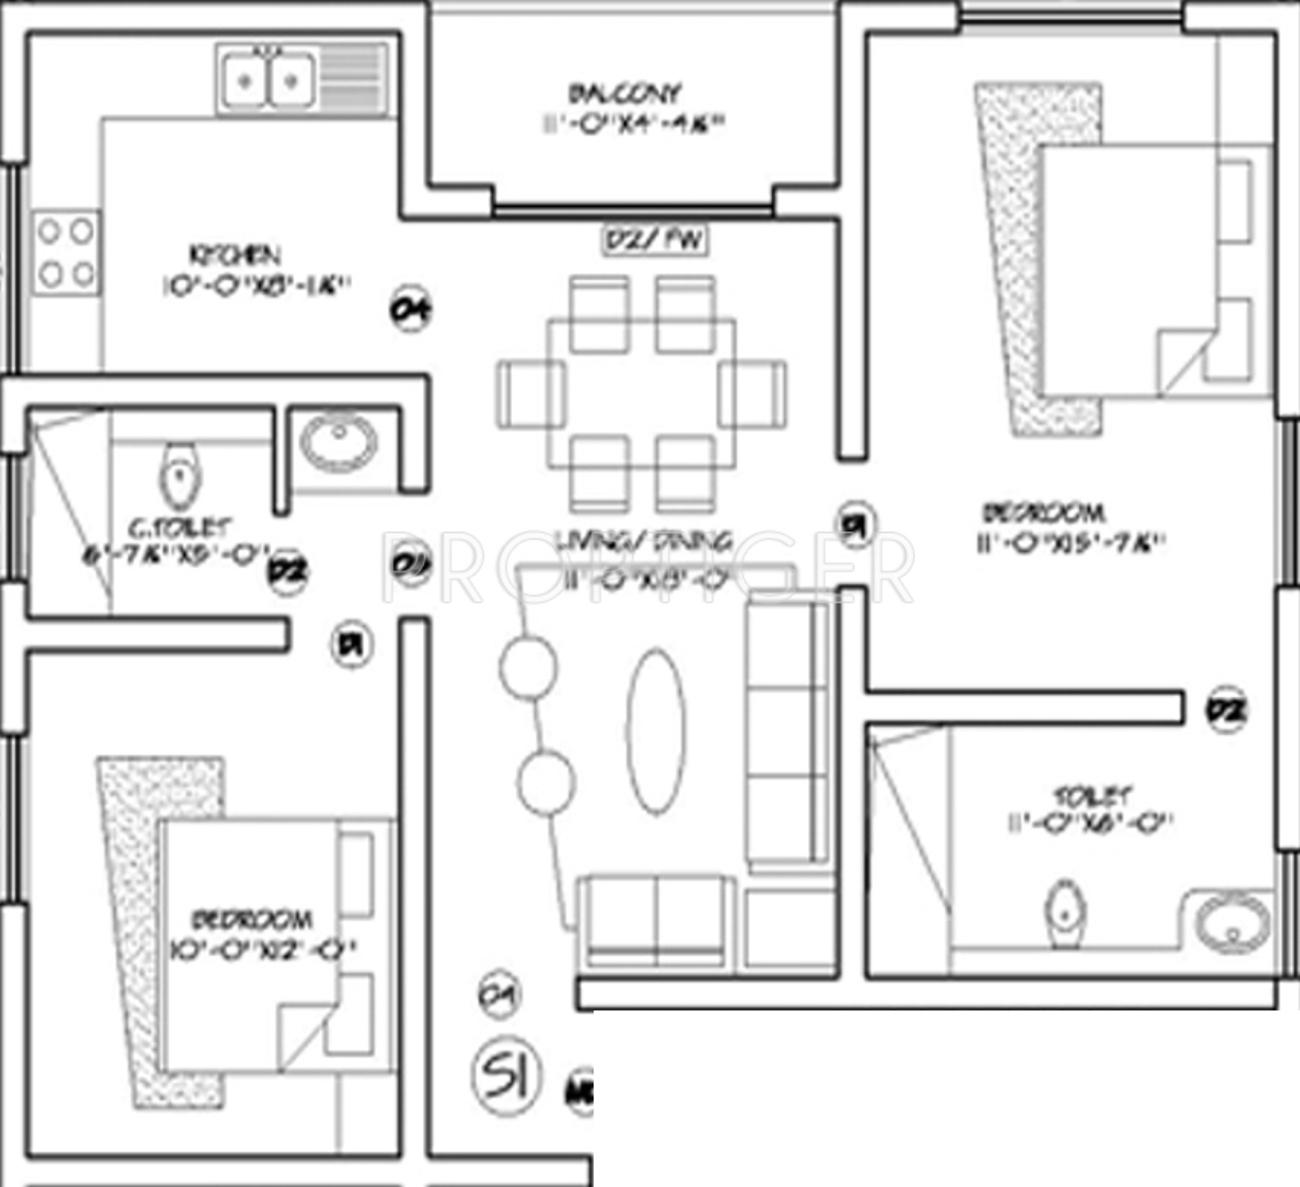 100 1100 sq ft floor plans floor plan for for 1100 square feet floor plan